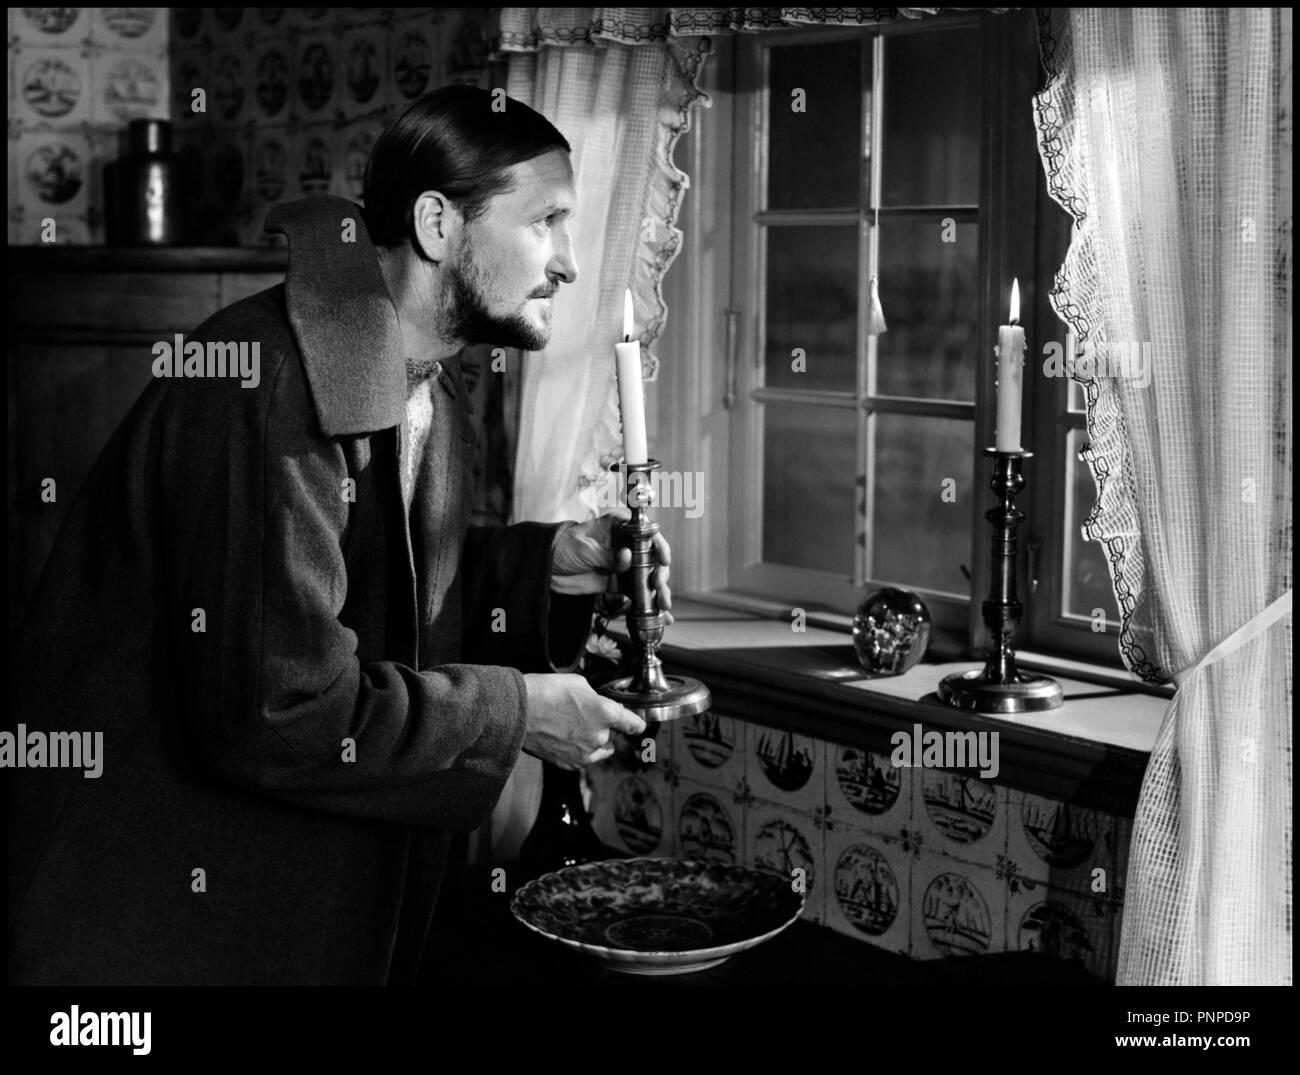 Prod DB © Palladium - DFI / DR ORDET (ORDET / LA PAROLE, titre français de sortie) de Carl Theodor Dreyer 1955 DAN avec Preben Lerdorff Rye ambiance, bougie, chandelle, bougeoire d'apres la piecede Kaj Munk Stock Photo